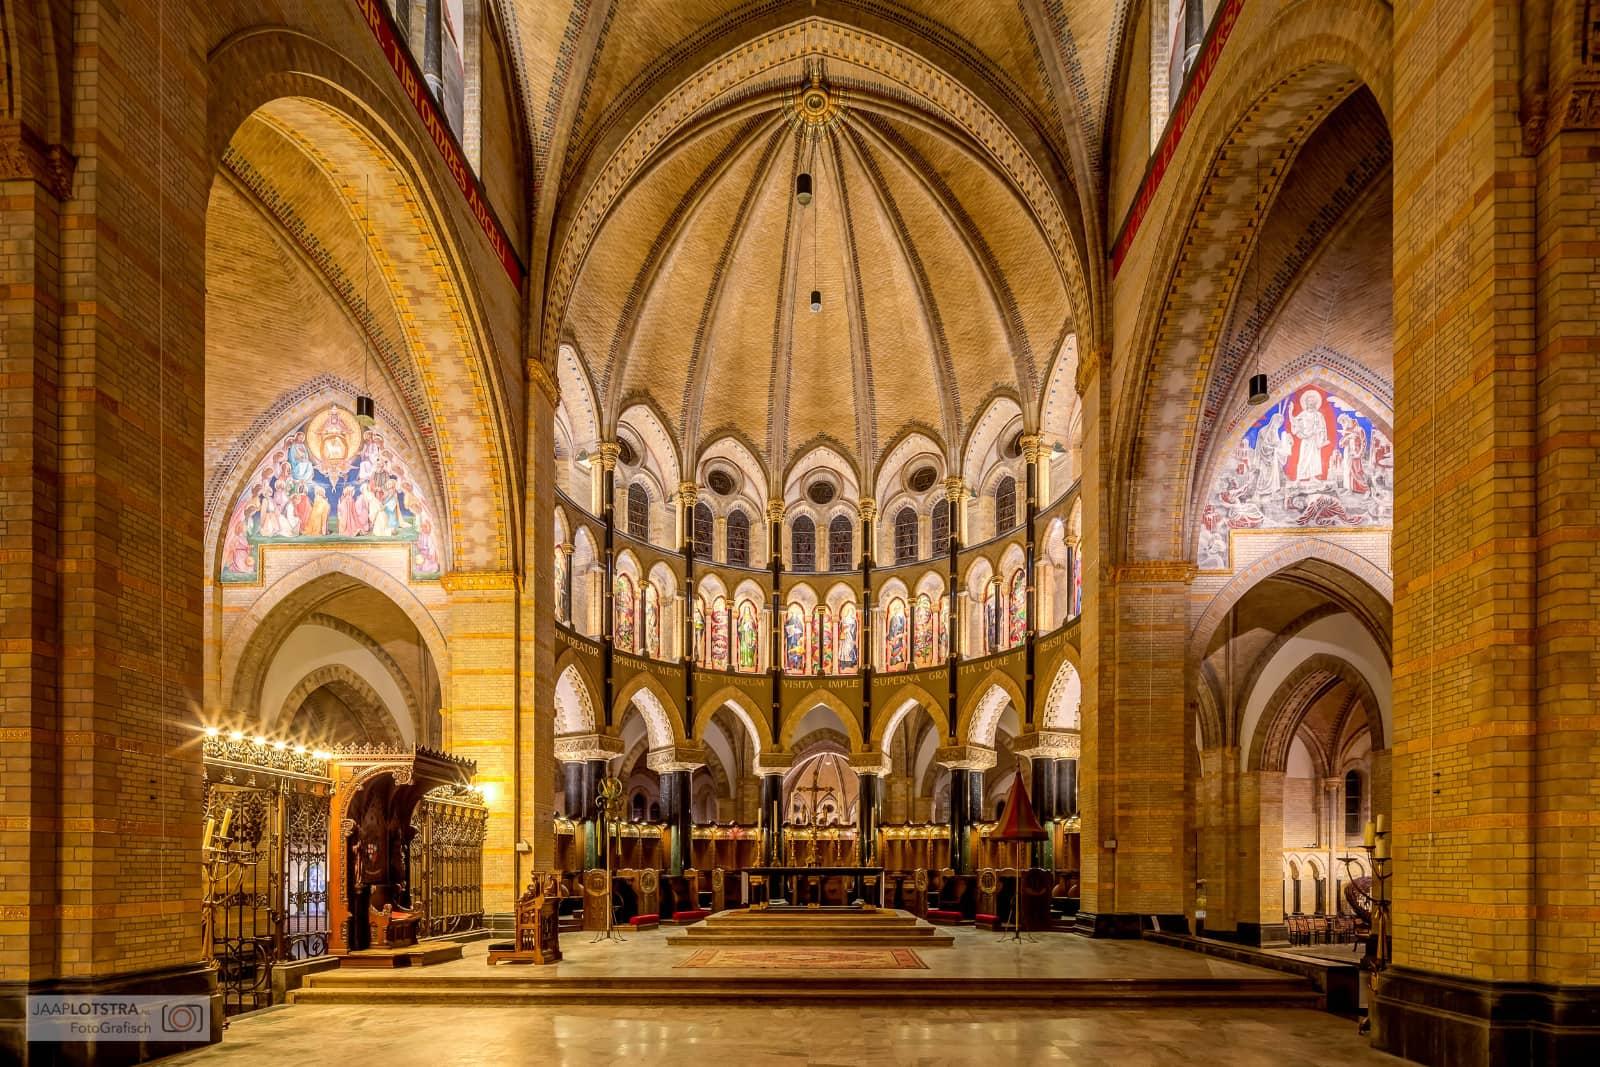 foto: © Jaap Lotstra - kerk architectuur binnen